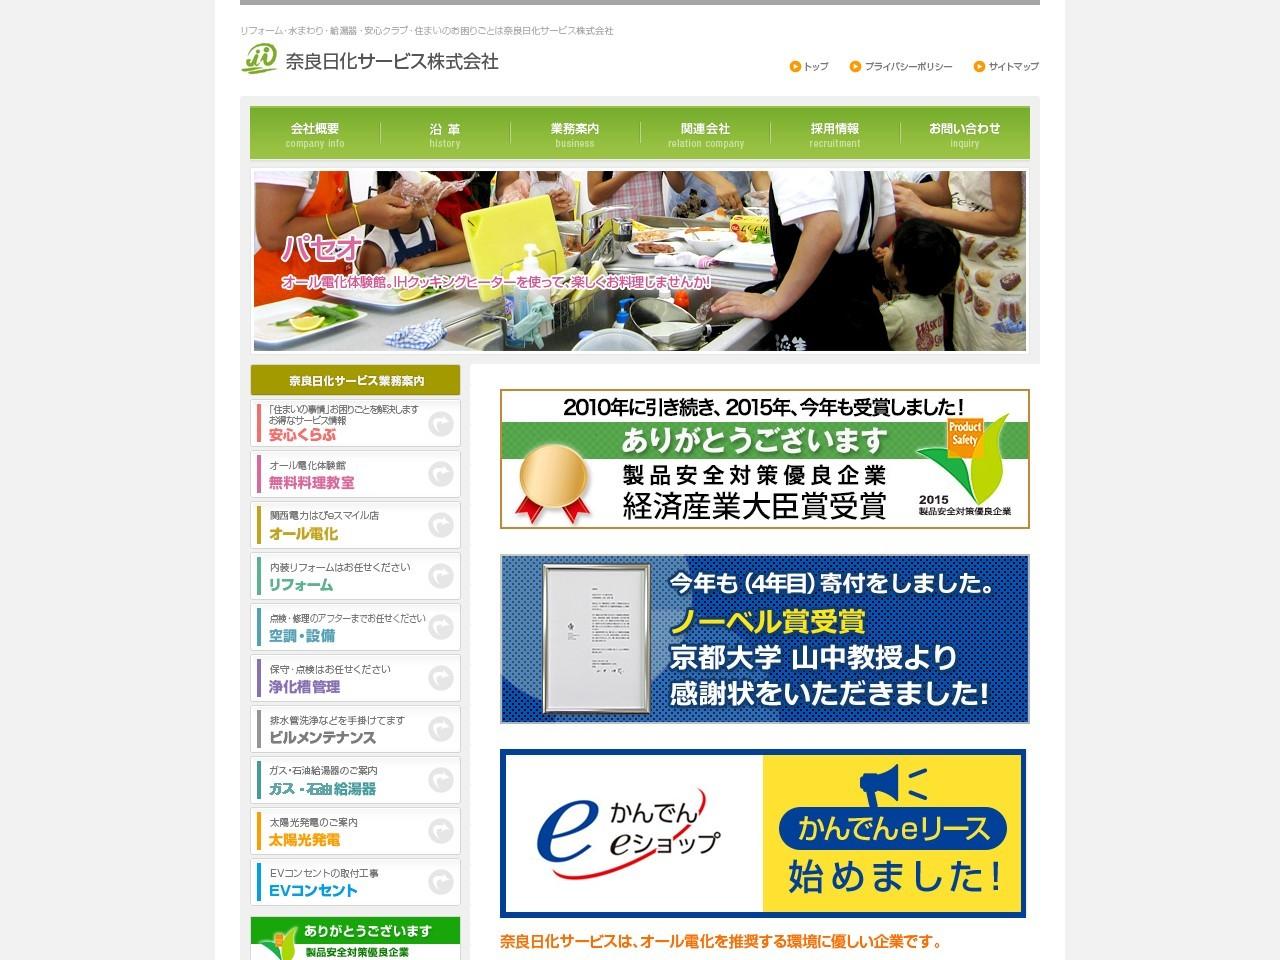 奈良日化サービス株式会社河合営業所